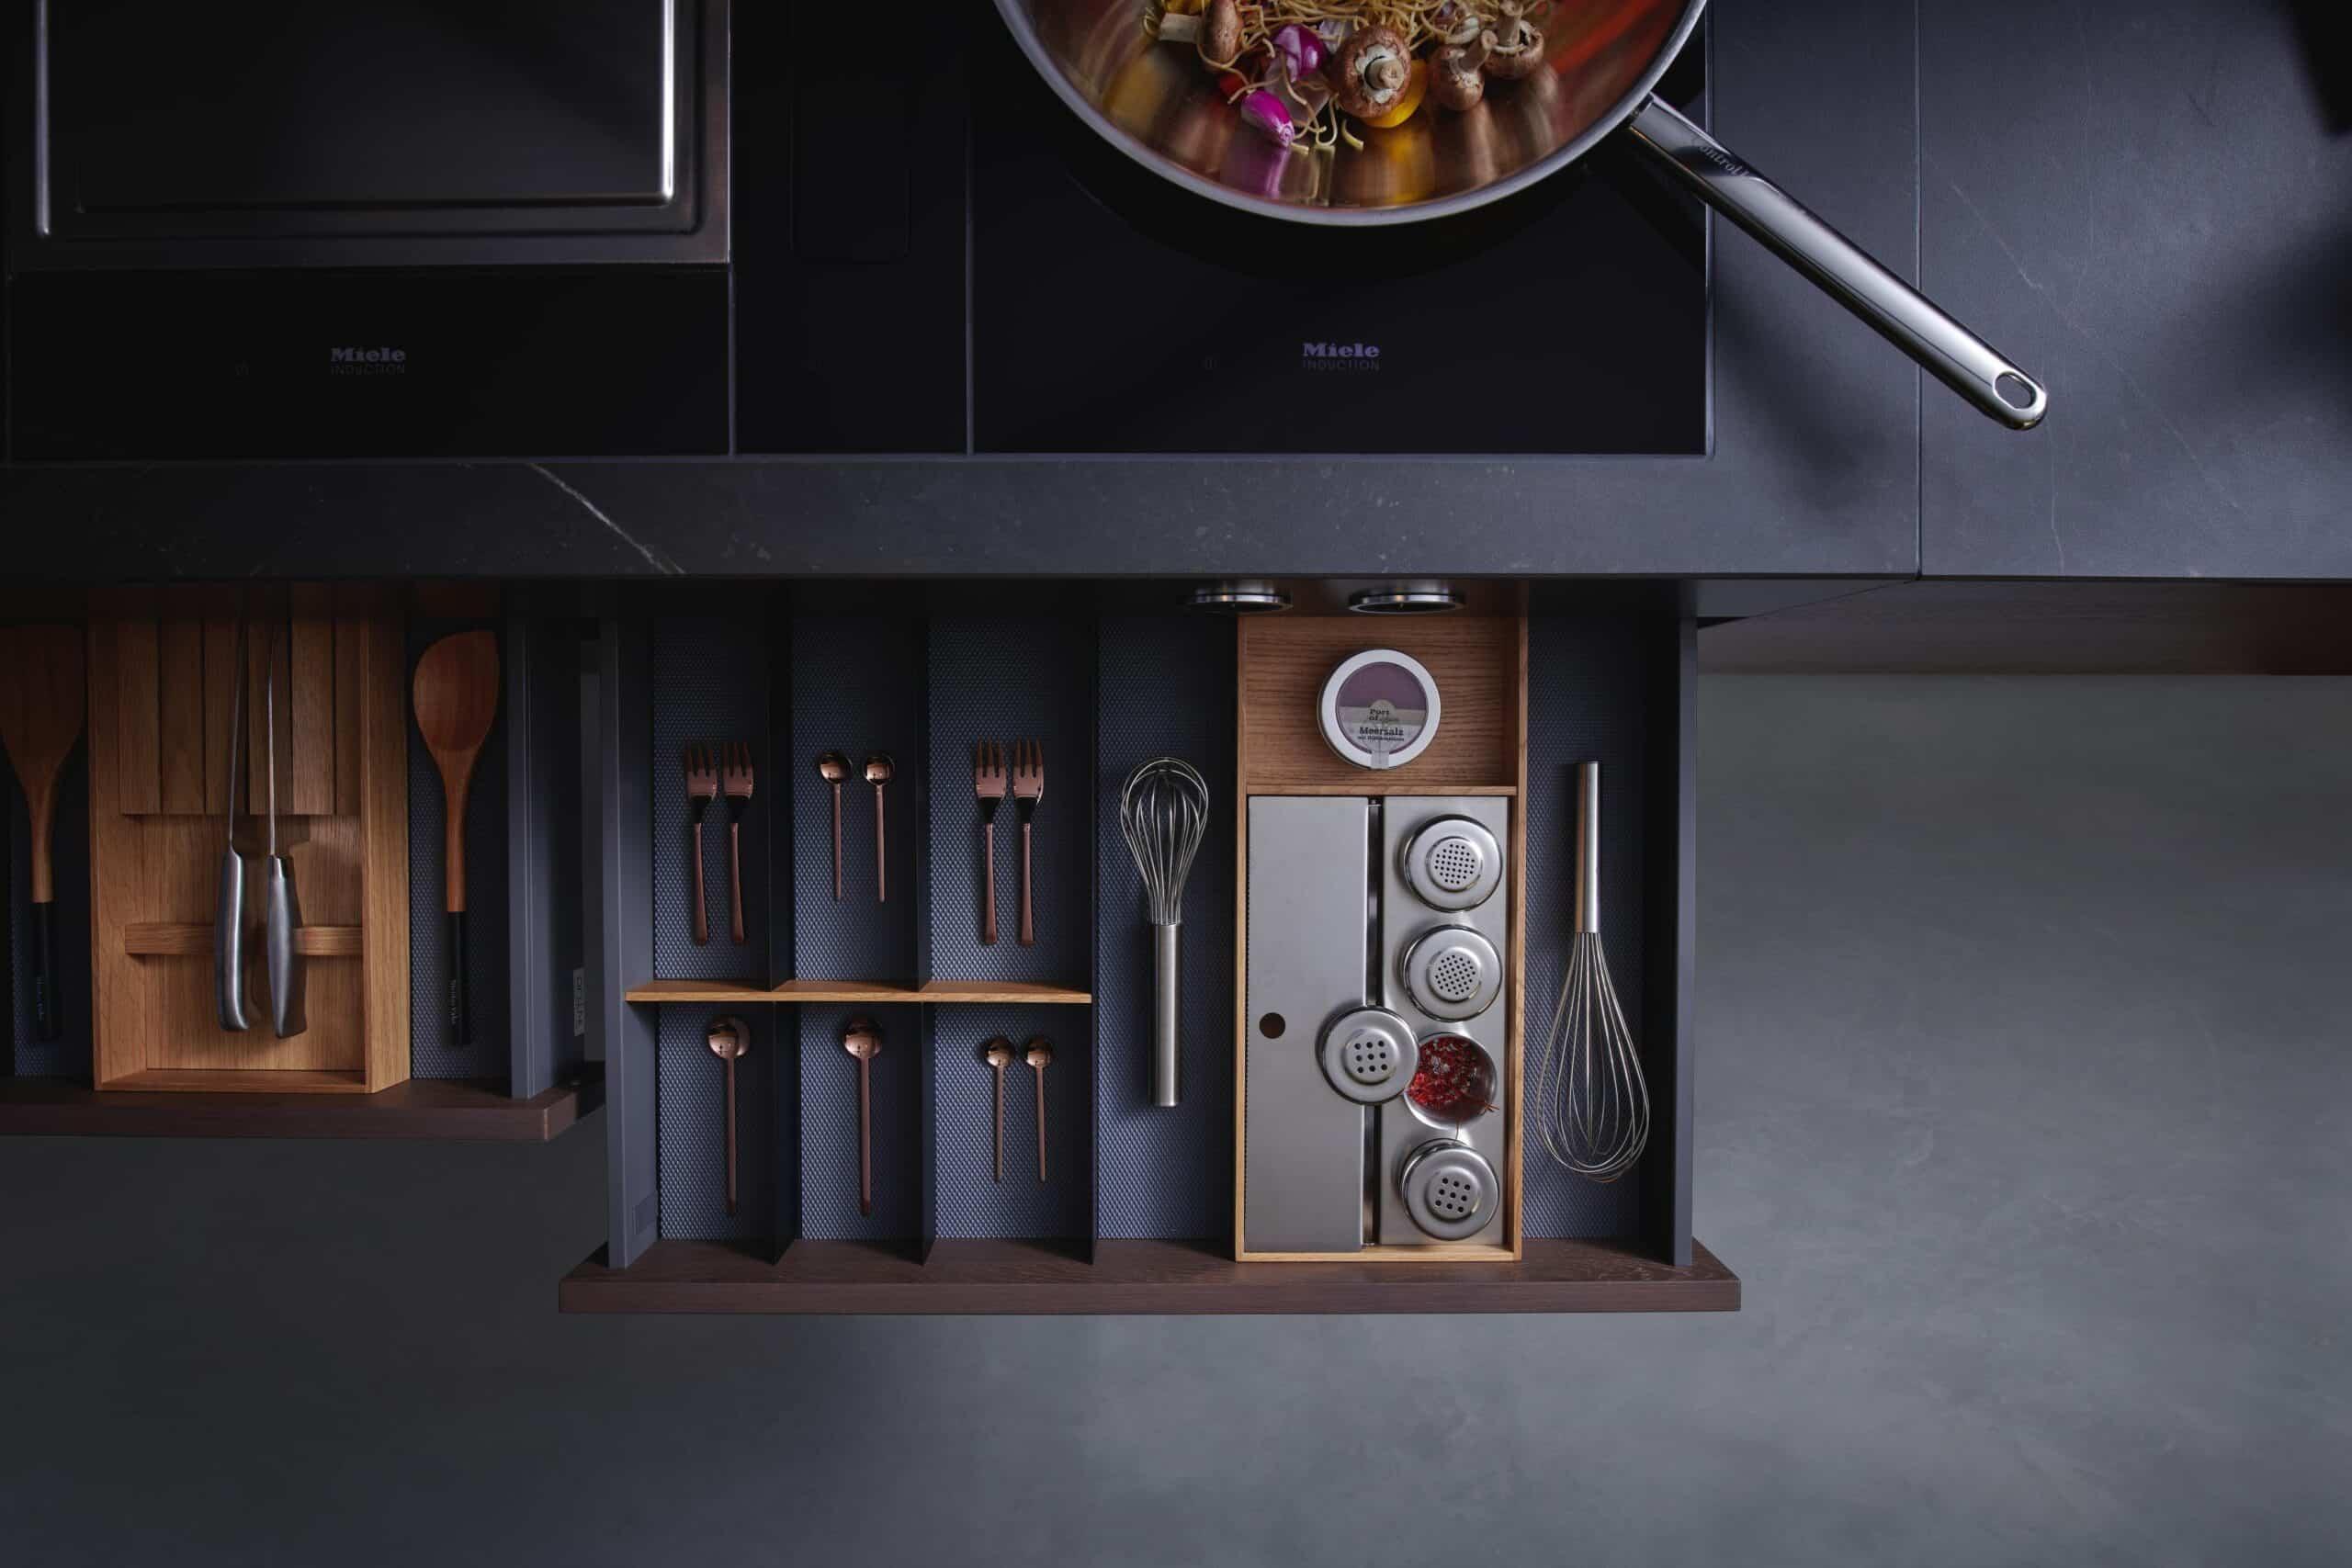 Küchenplanung | Küche kaufen - Eilmannsberger Rohrbach